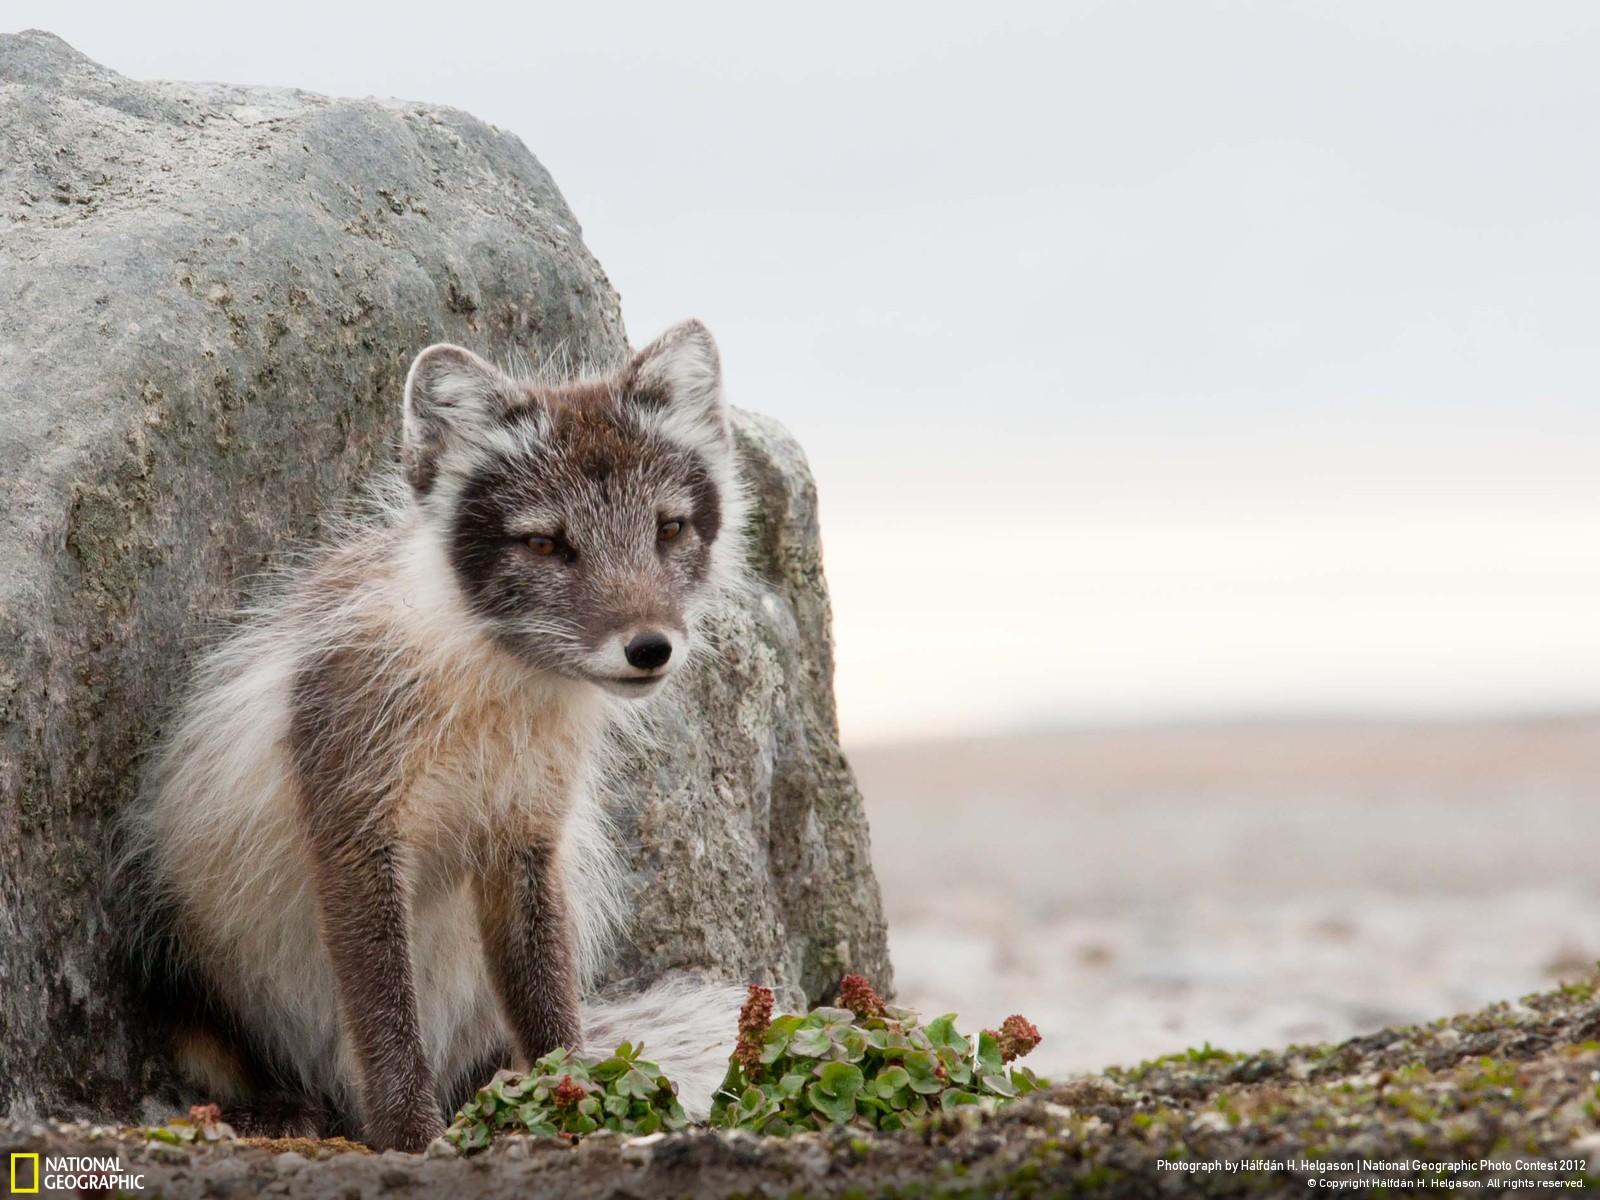 22 Лучшие фотографии за 2012 год по версии National Geographic